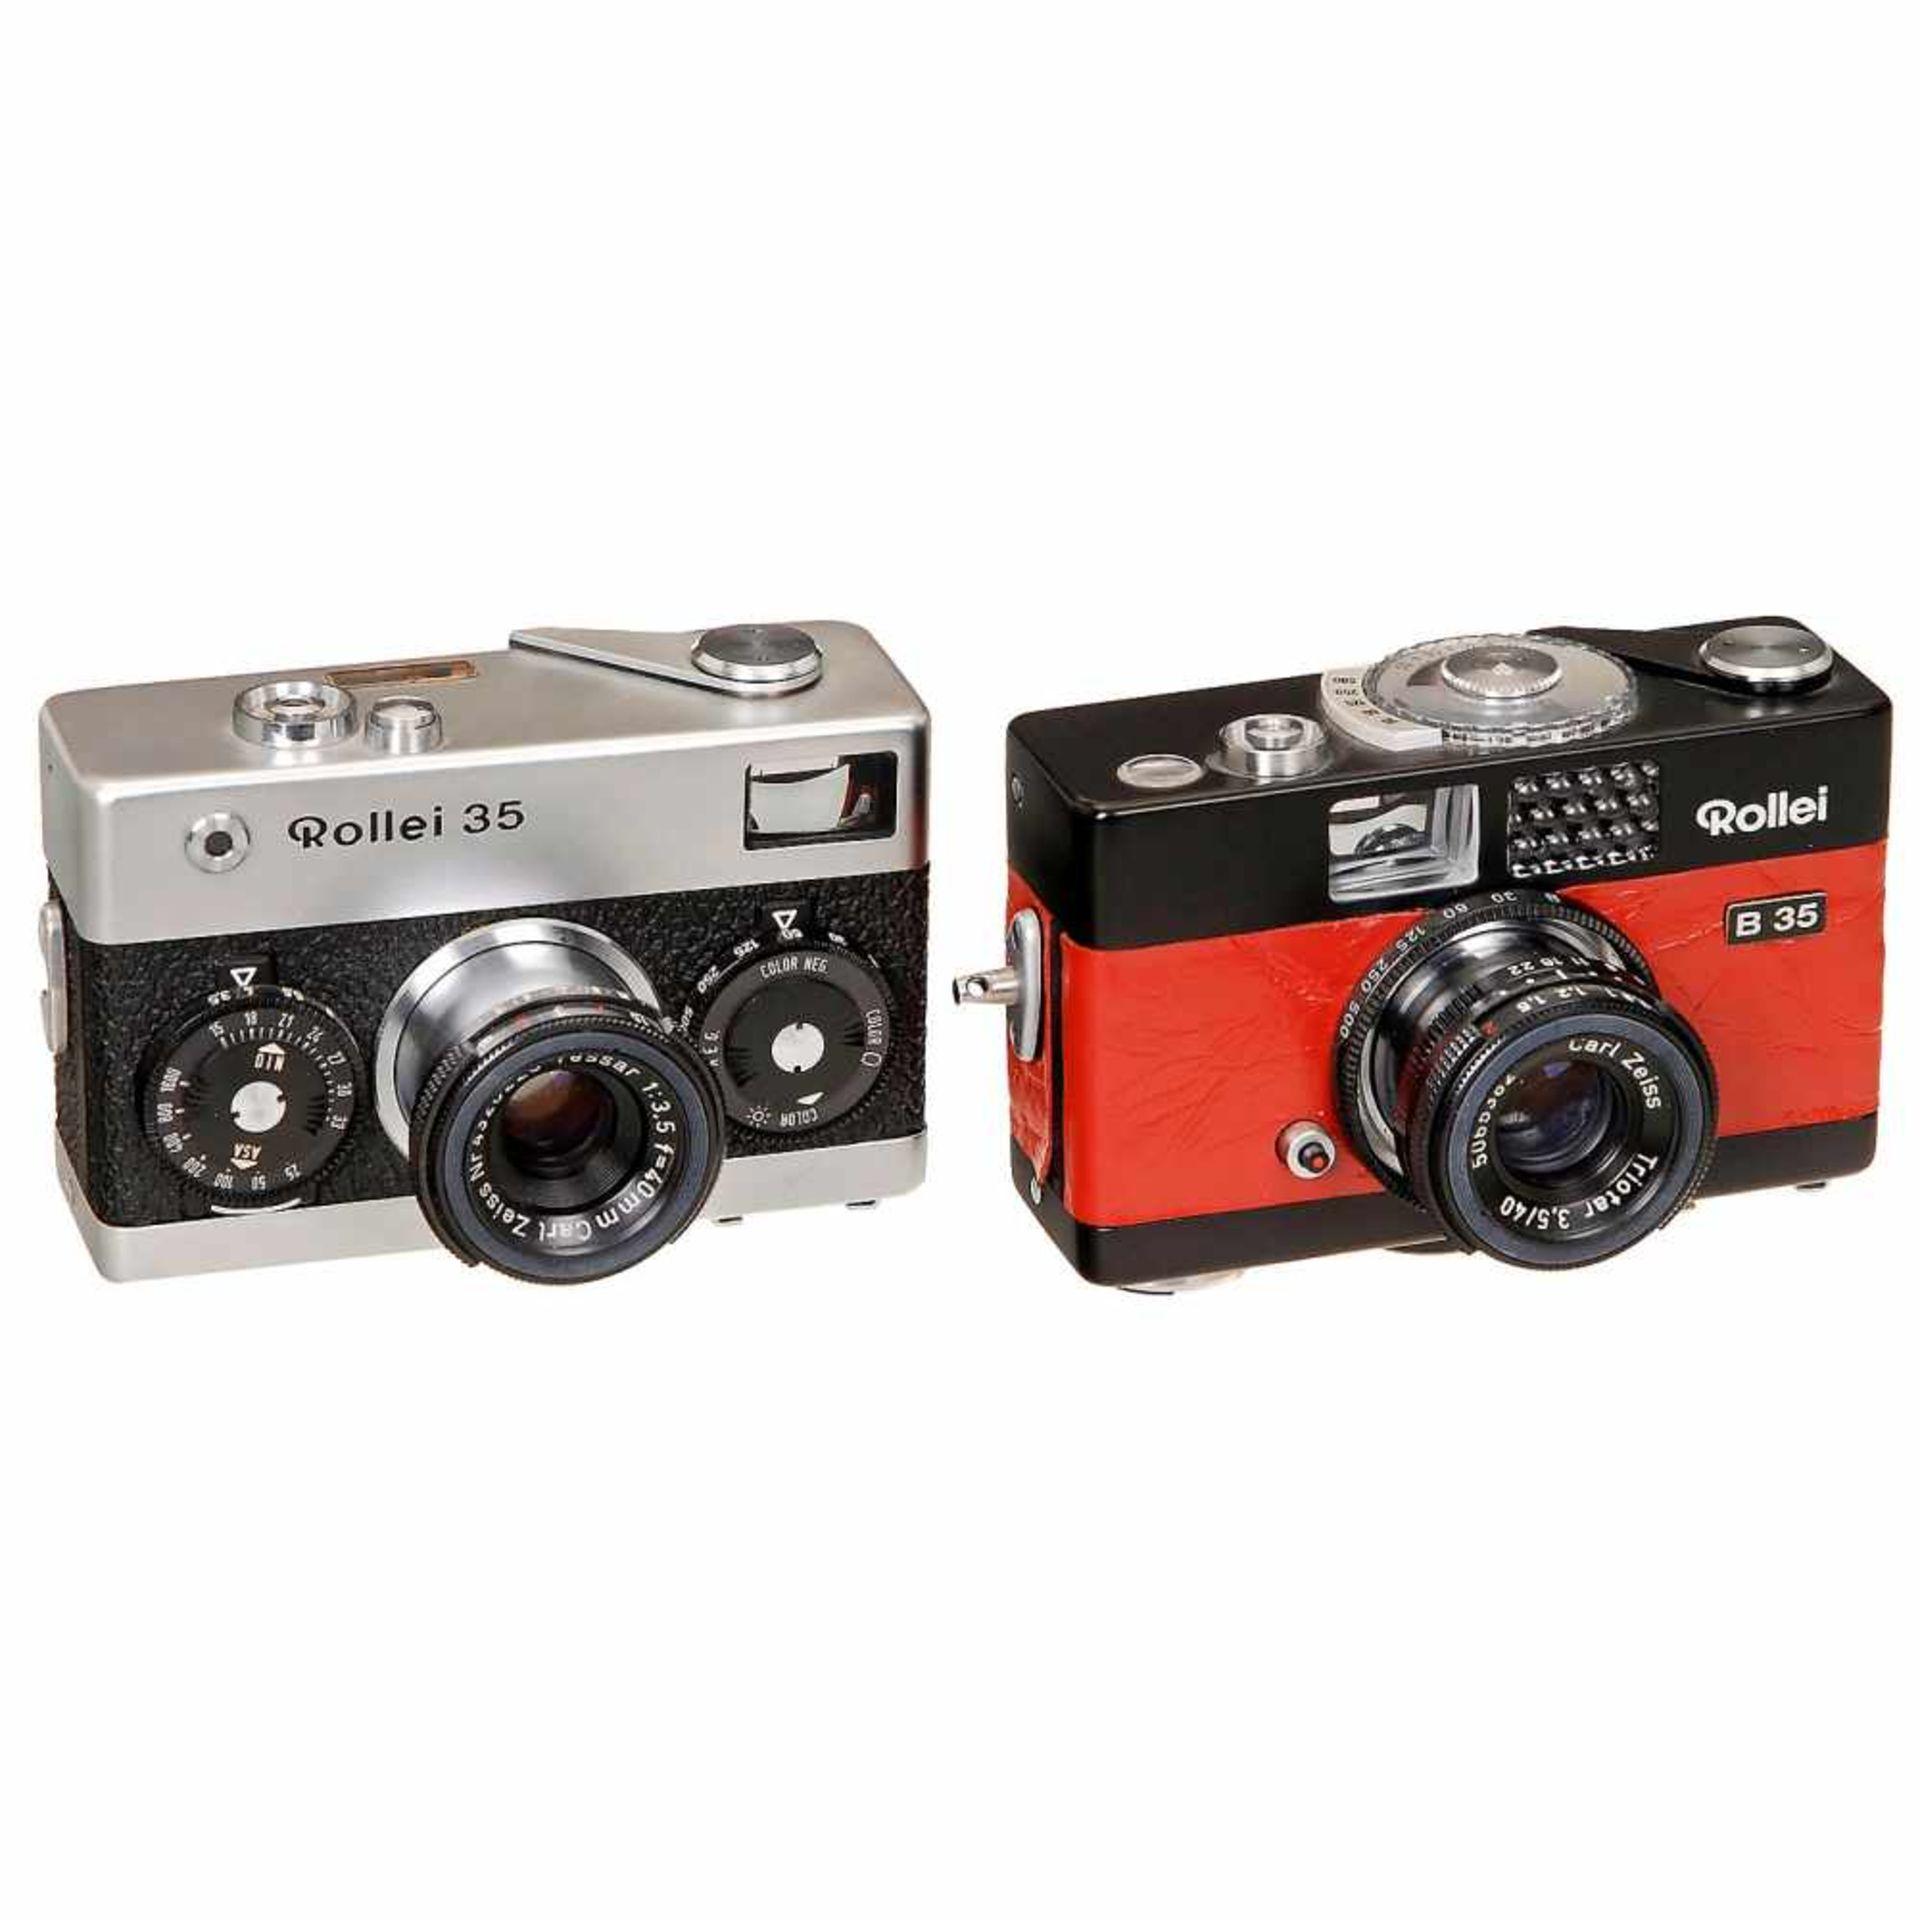 """2 Rollei 35 CamerasFranke & Heidecke, Braunschweig. 1) Rollei B 35 """"red"""", 1971, black body and red"""